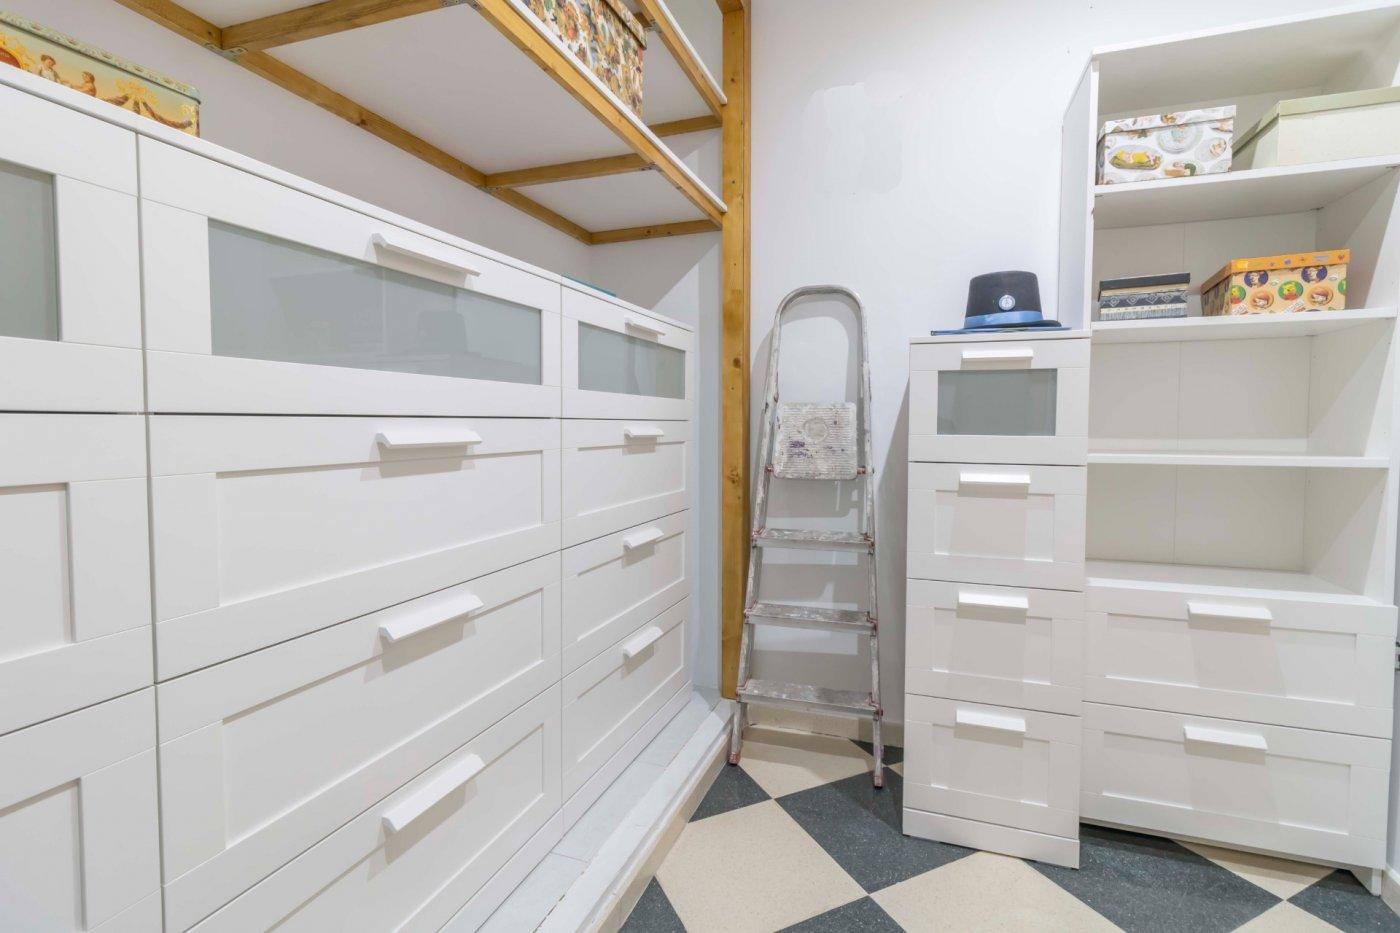 Casa a la venta en zona padre pÍo - imagenInmueble22